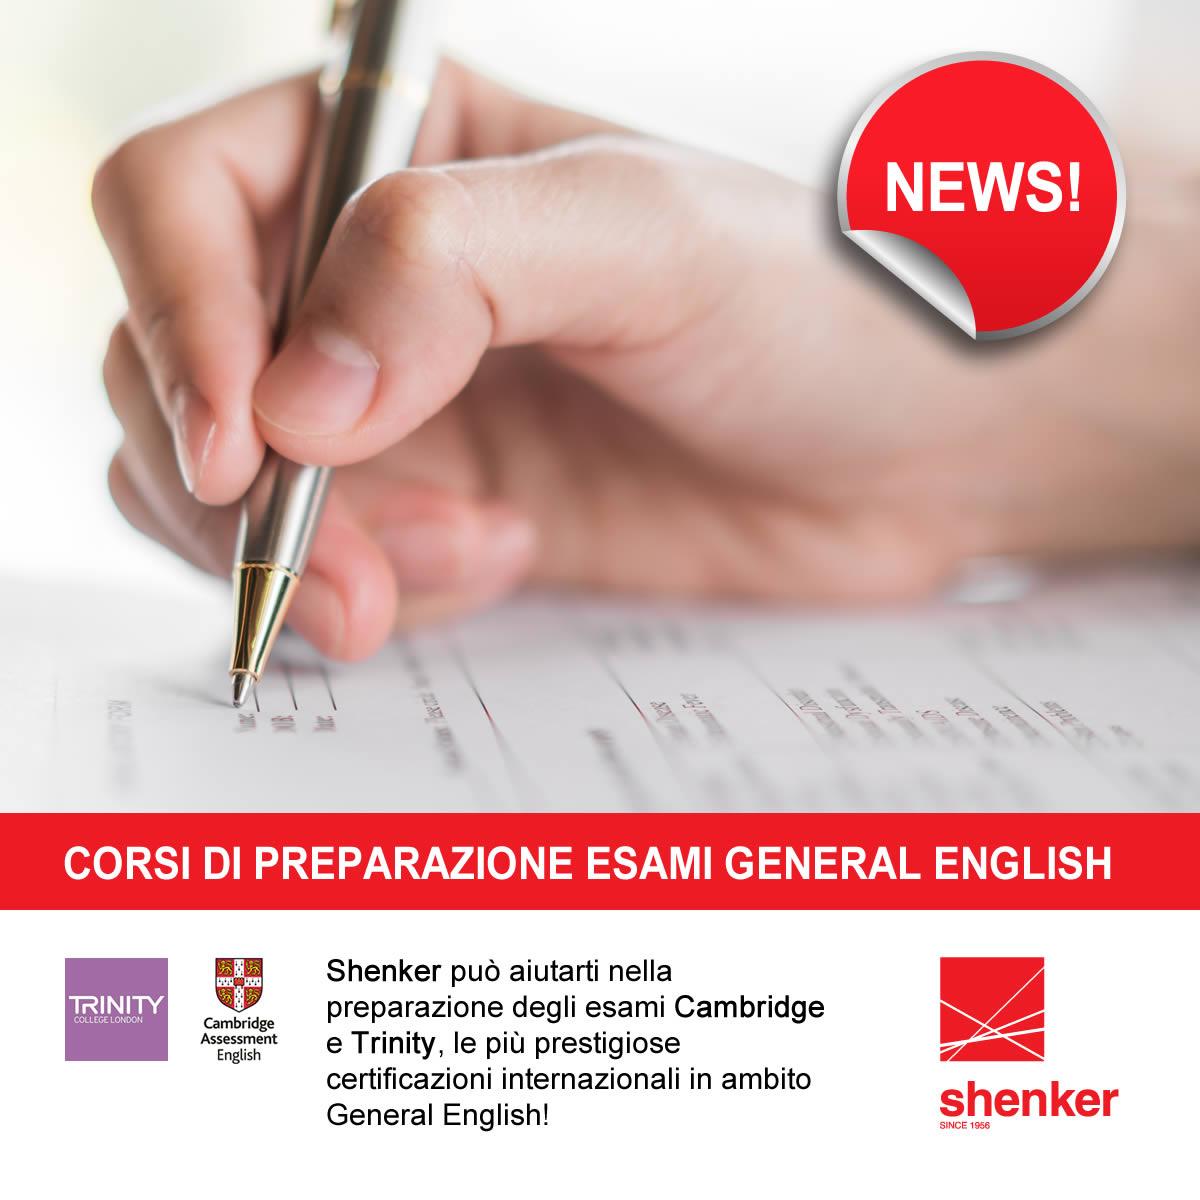 Corsi Shenker di preparazione esami General English